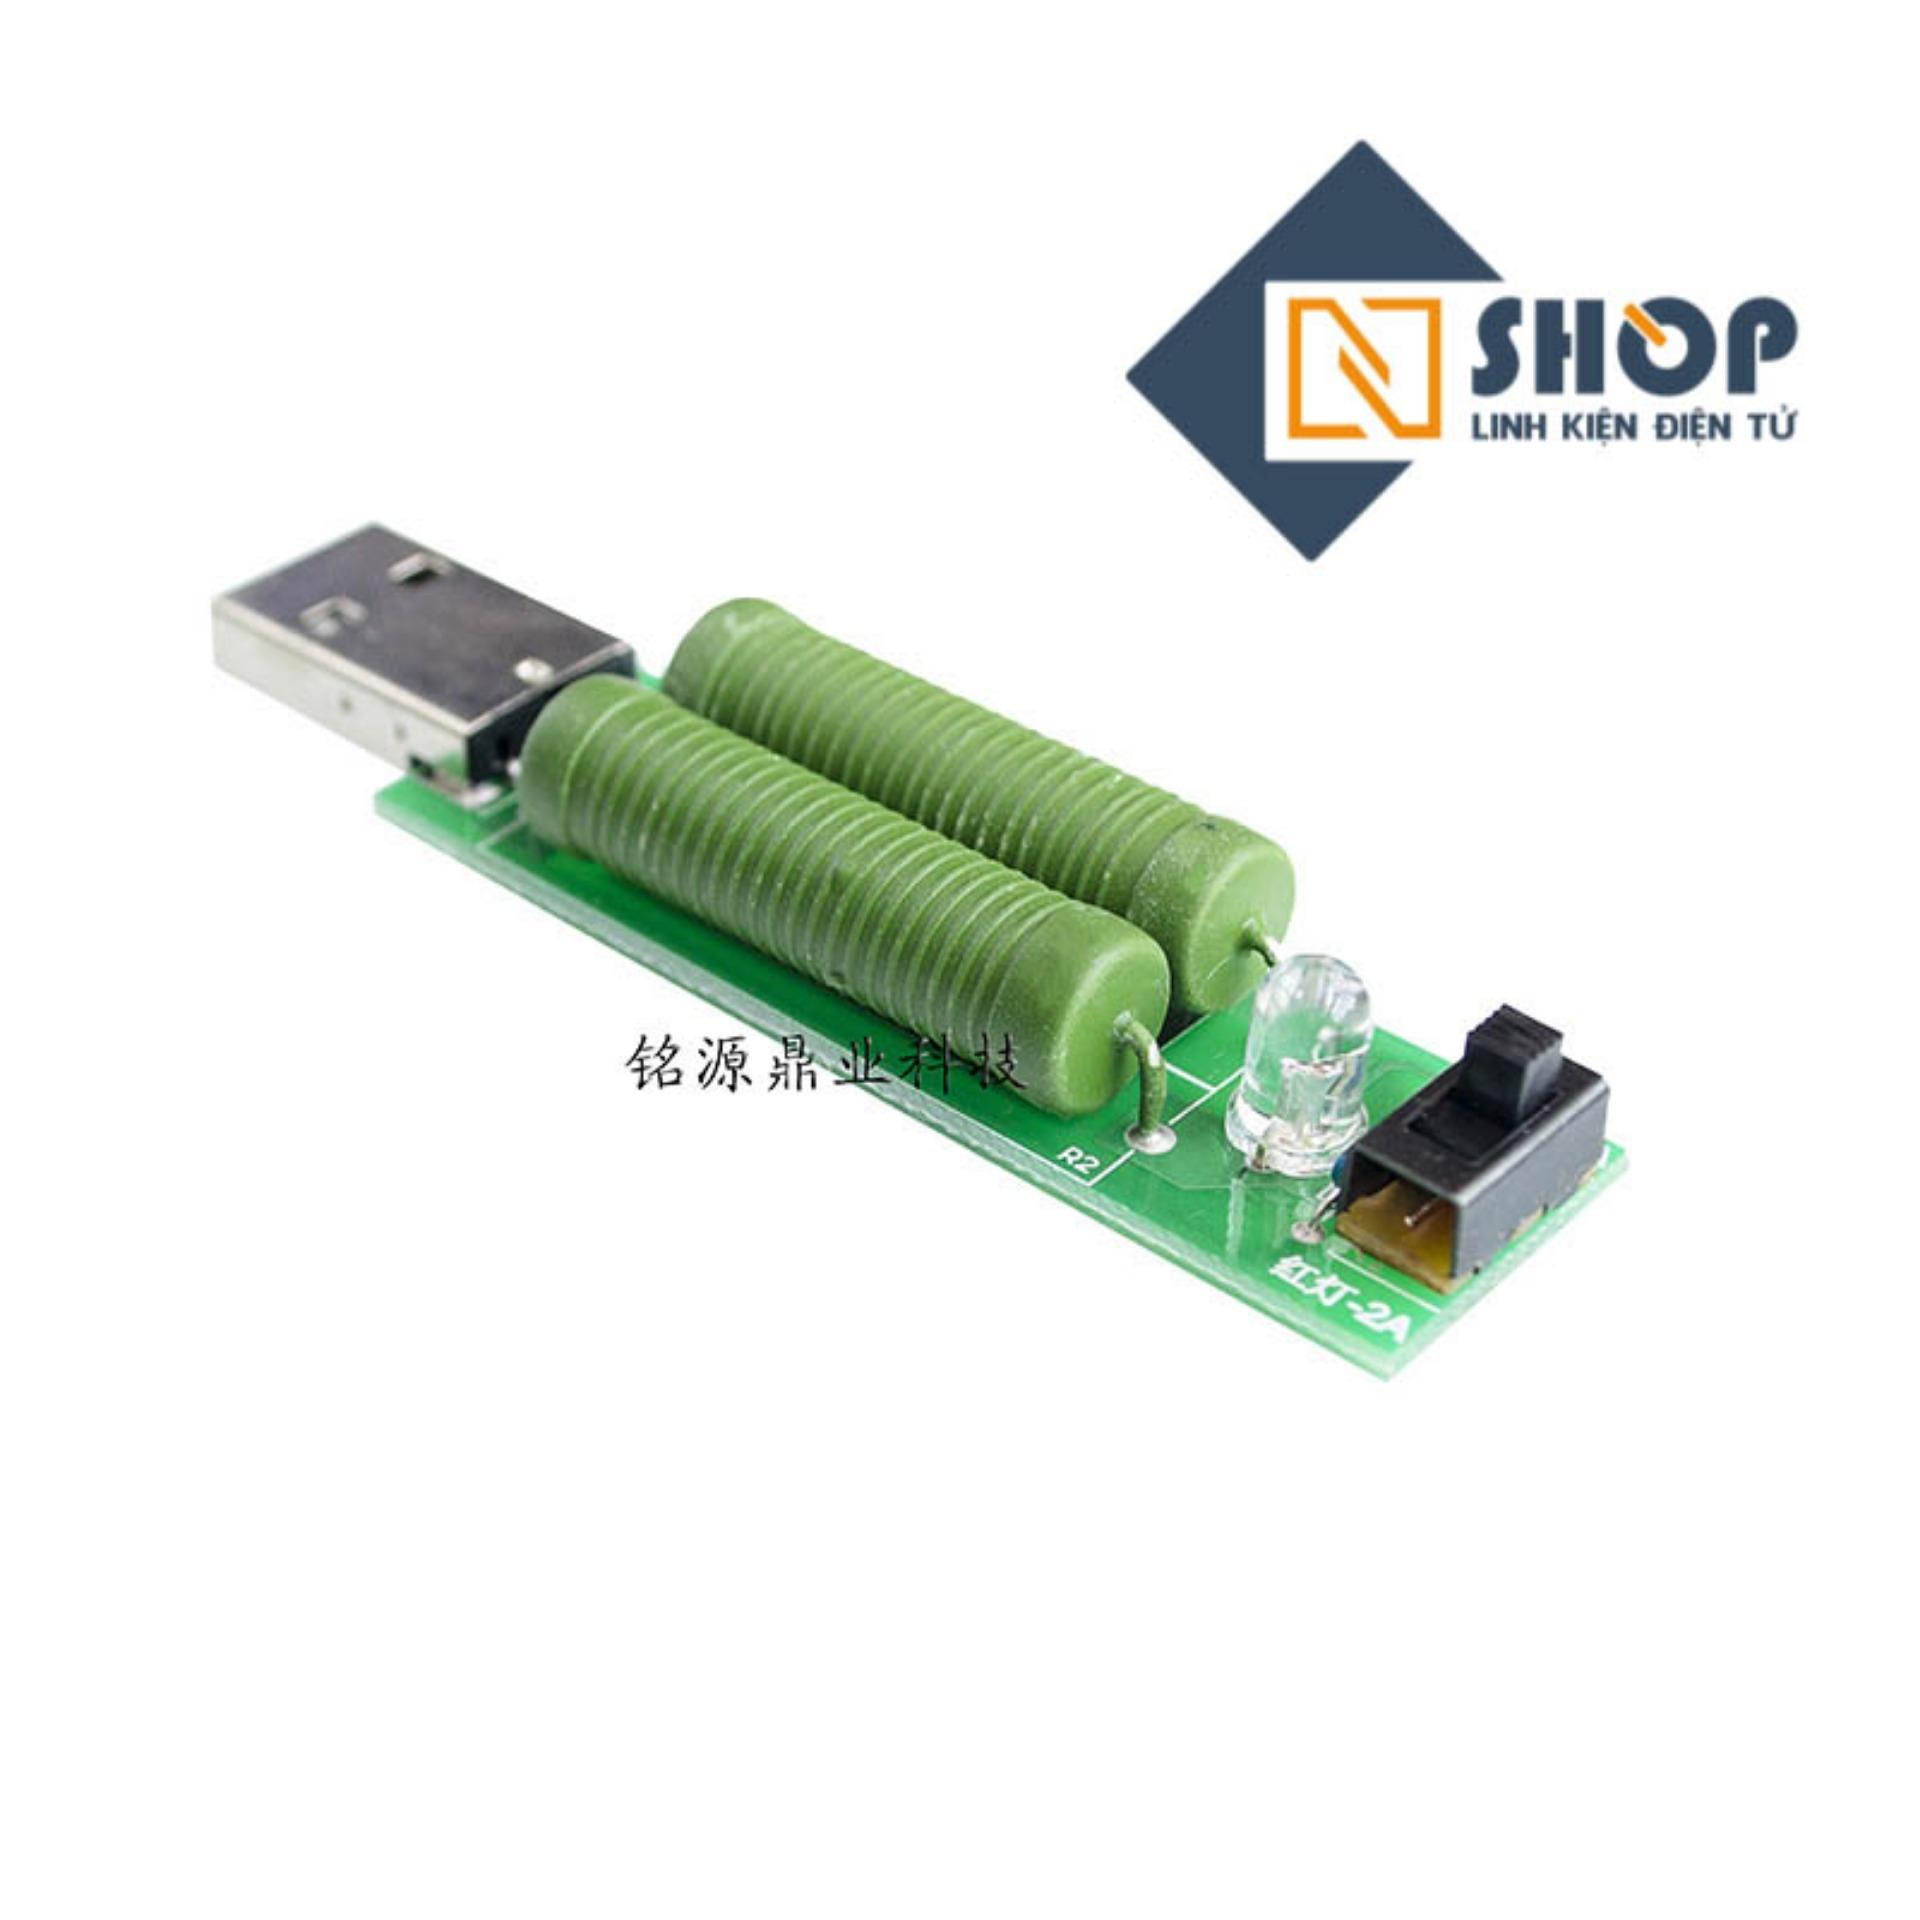 Hình ảnh Mạch test dòng tối đa cổng USB